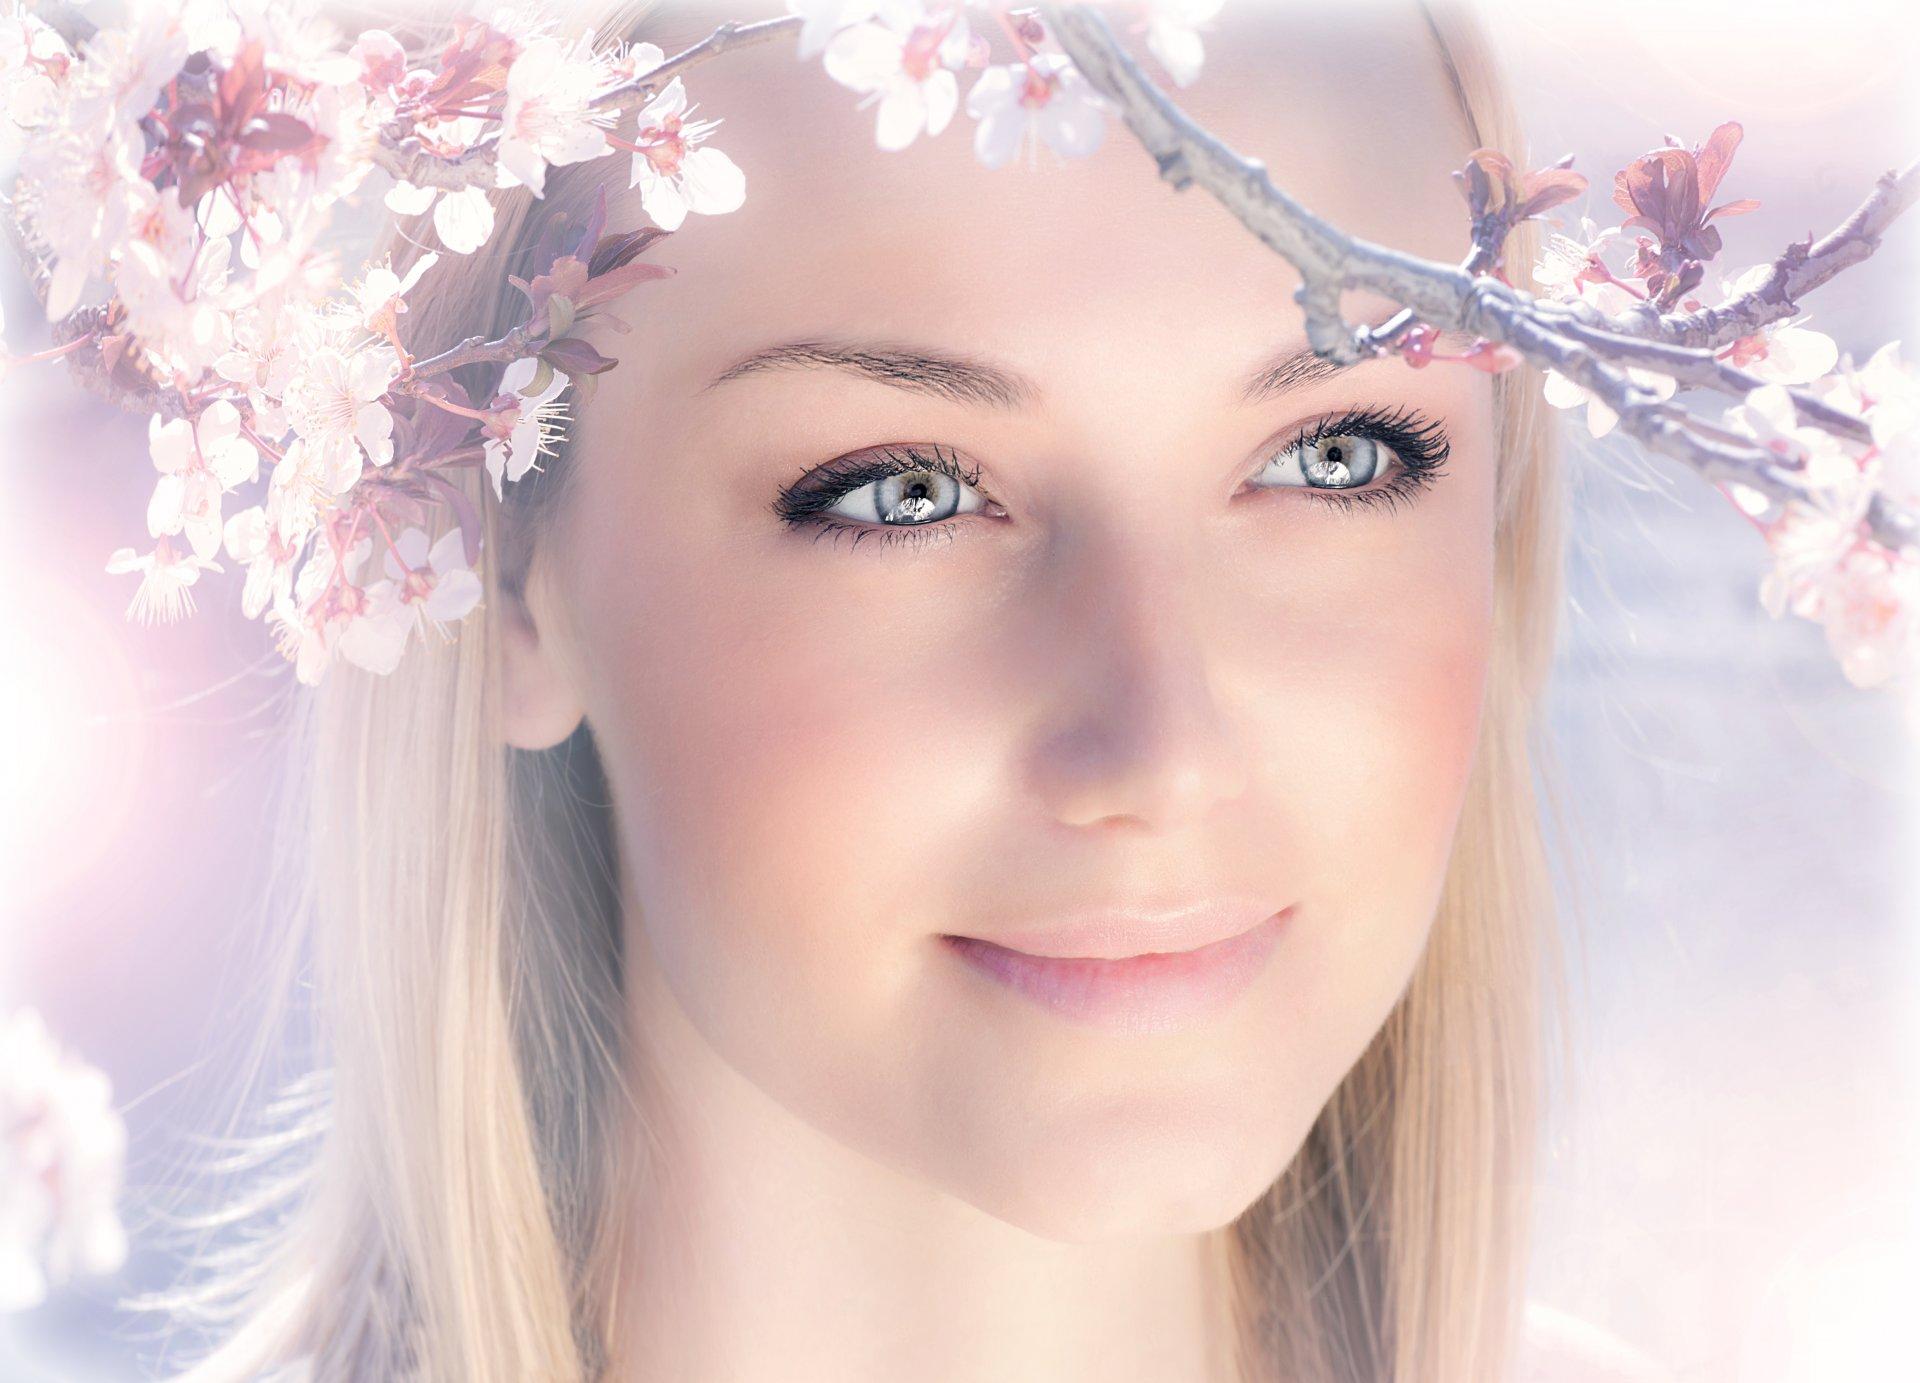 Улыбка весна девушка